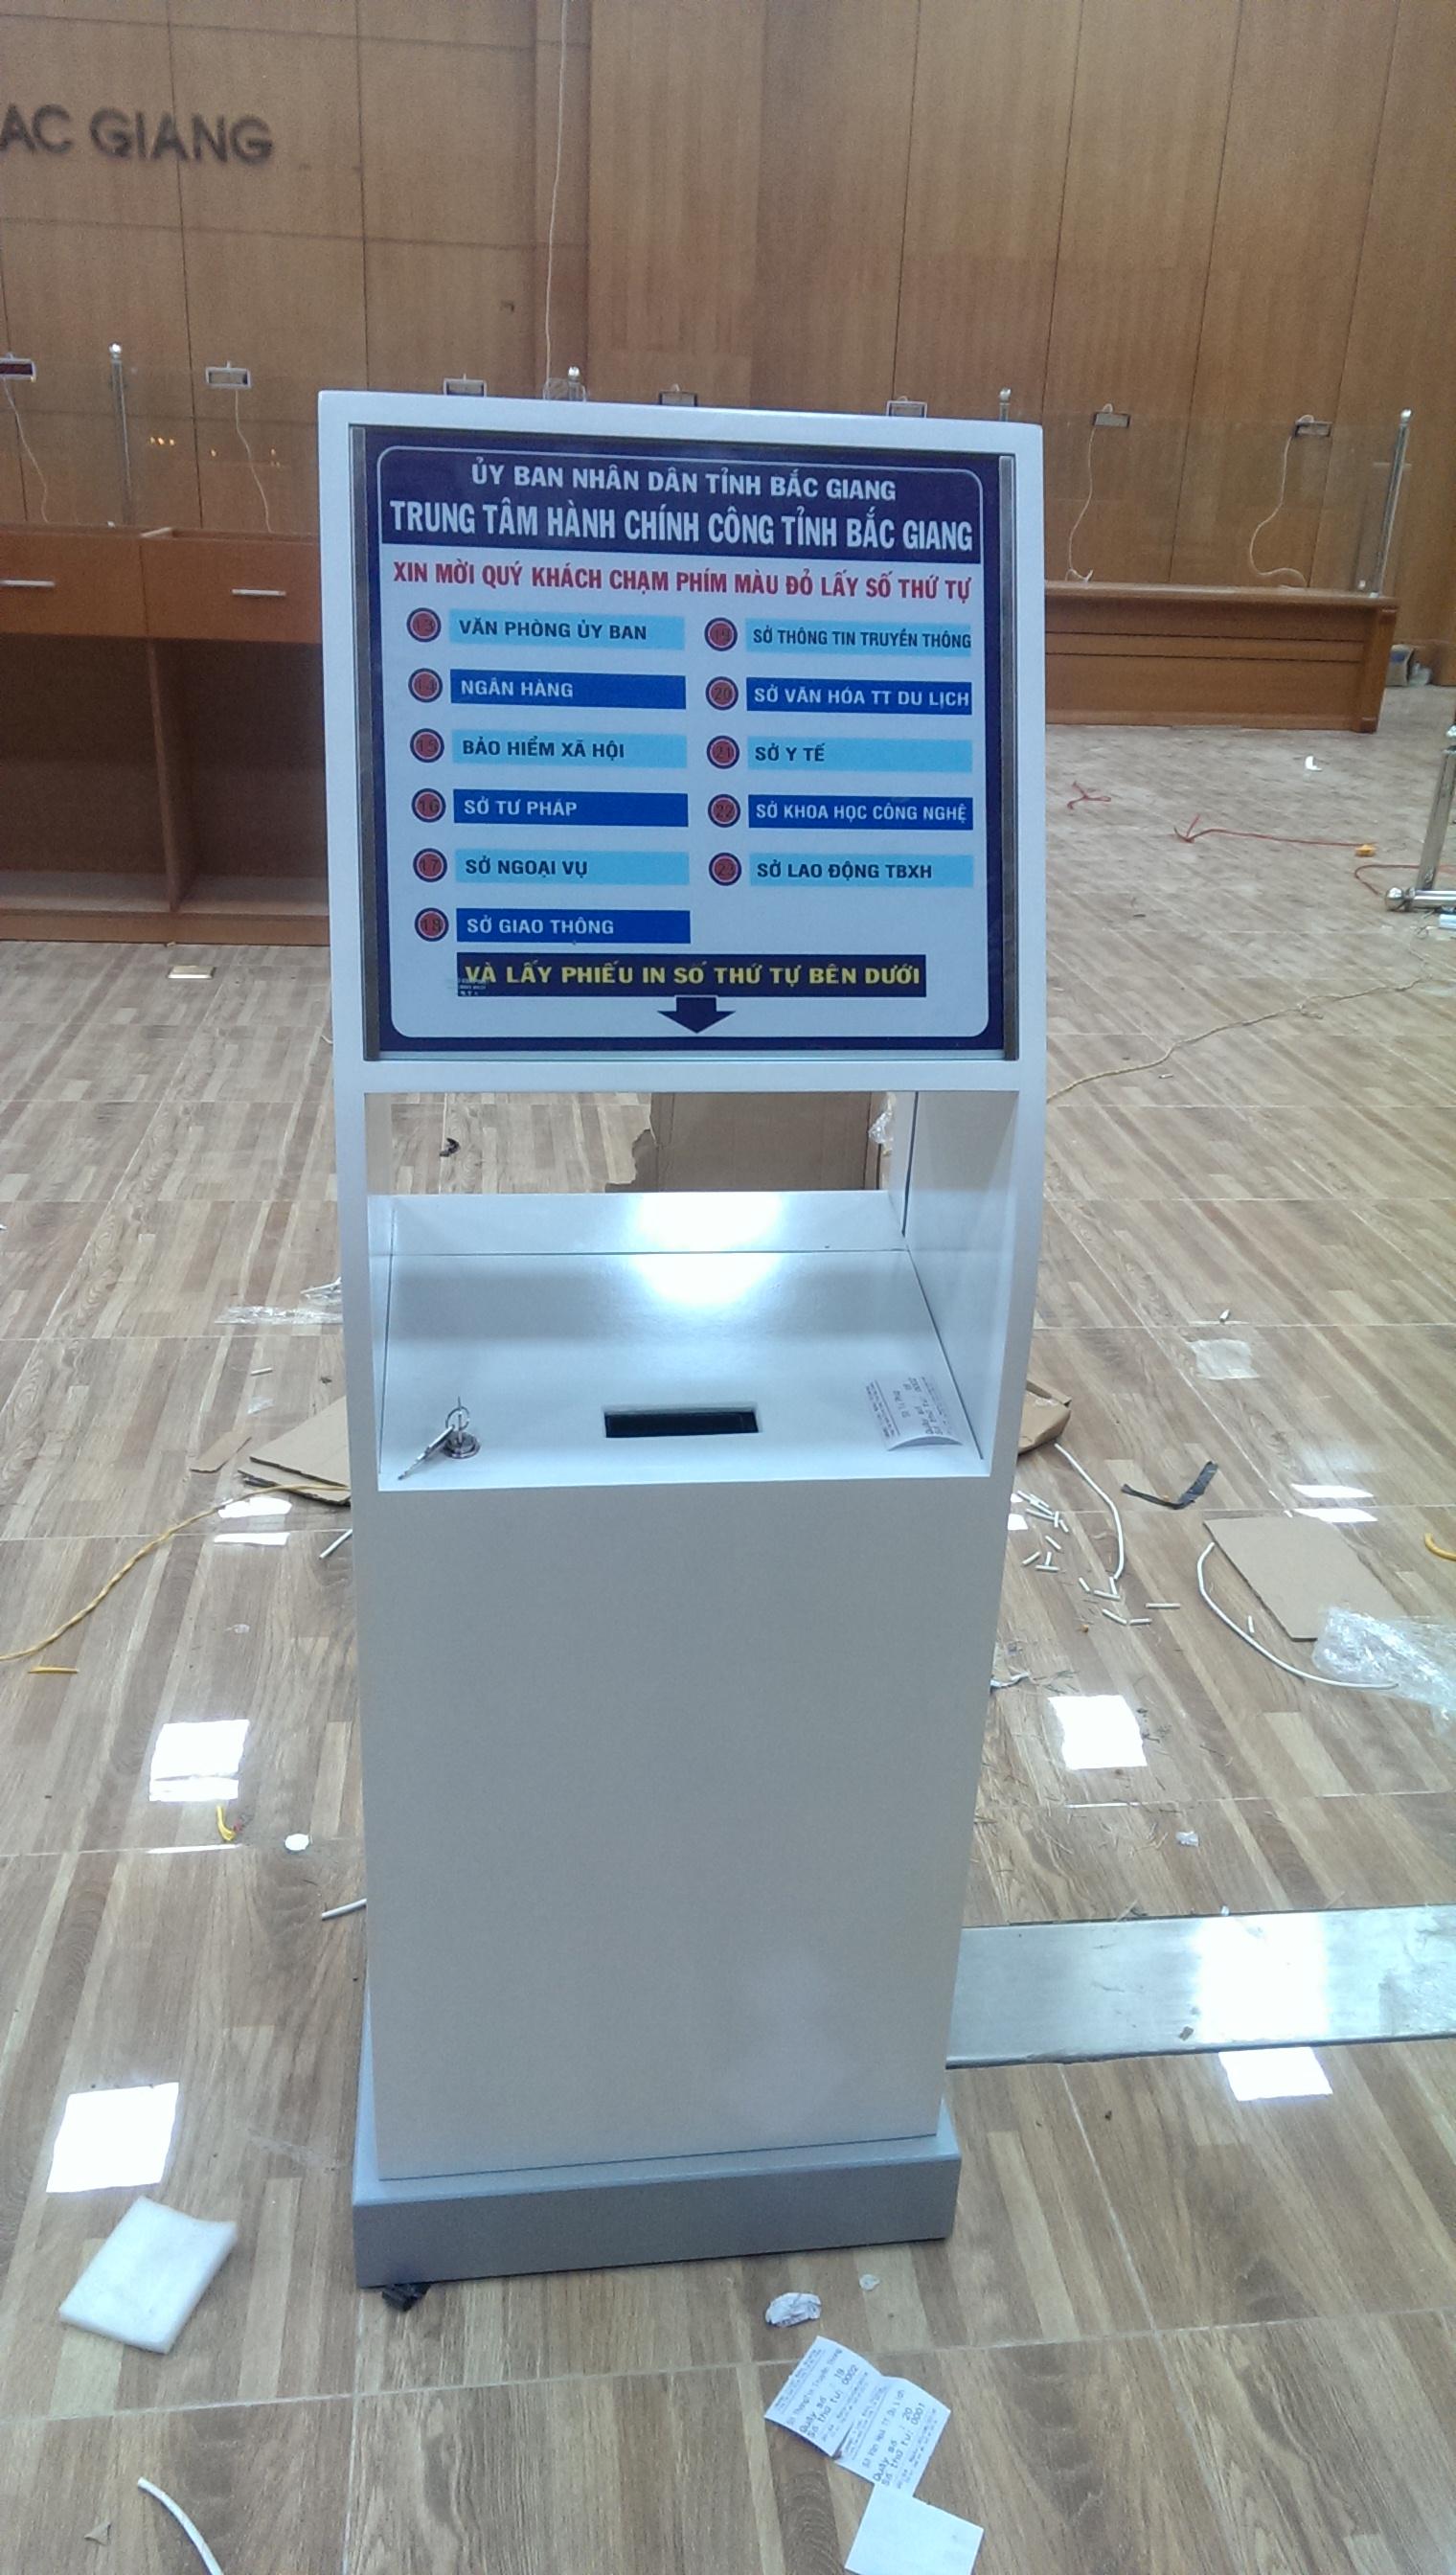 Máy in cấp phát phiếu số thứ tự dạng KIOSK